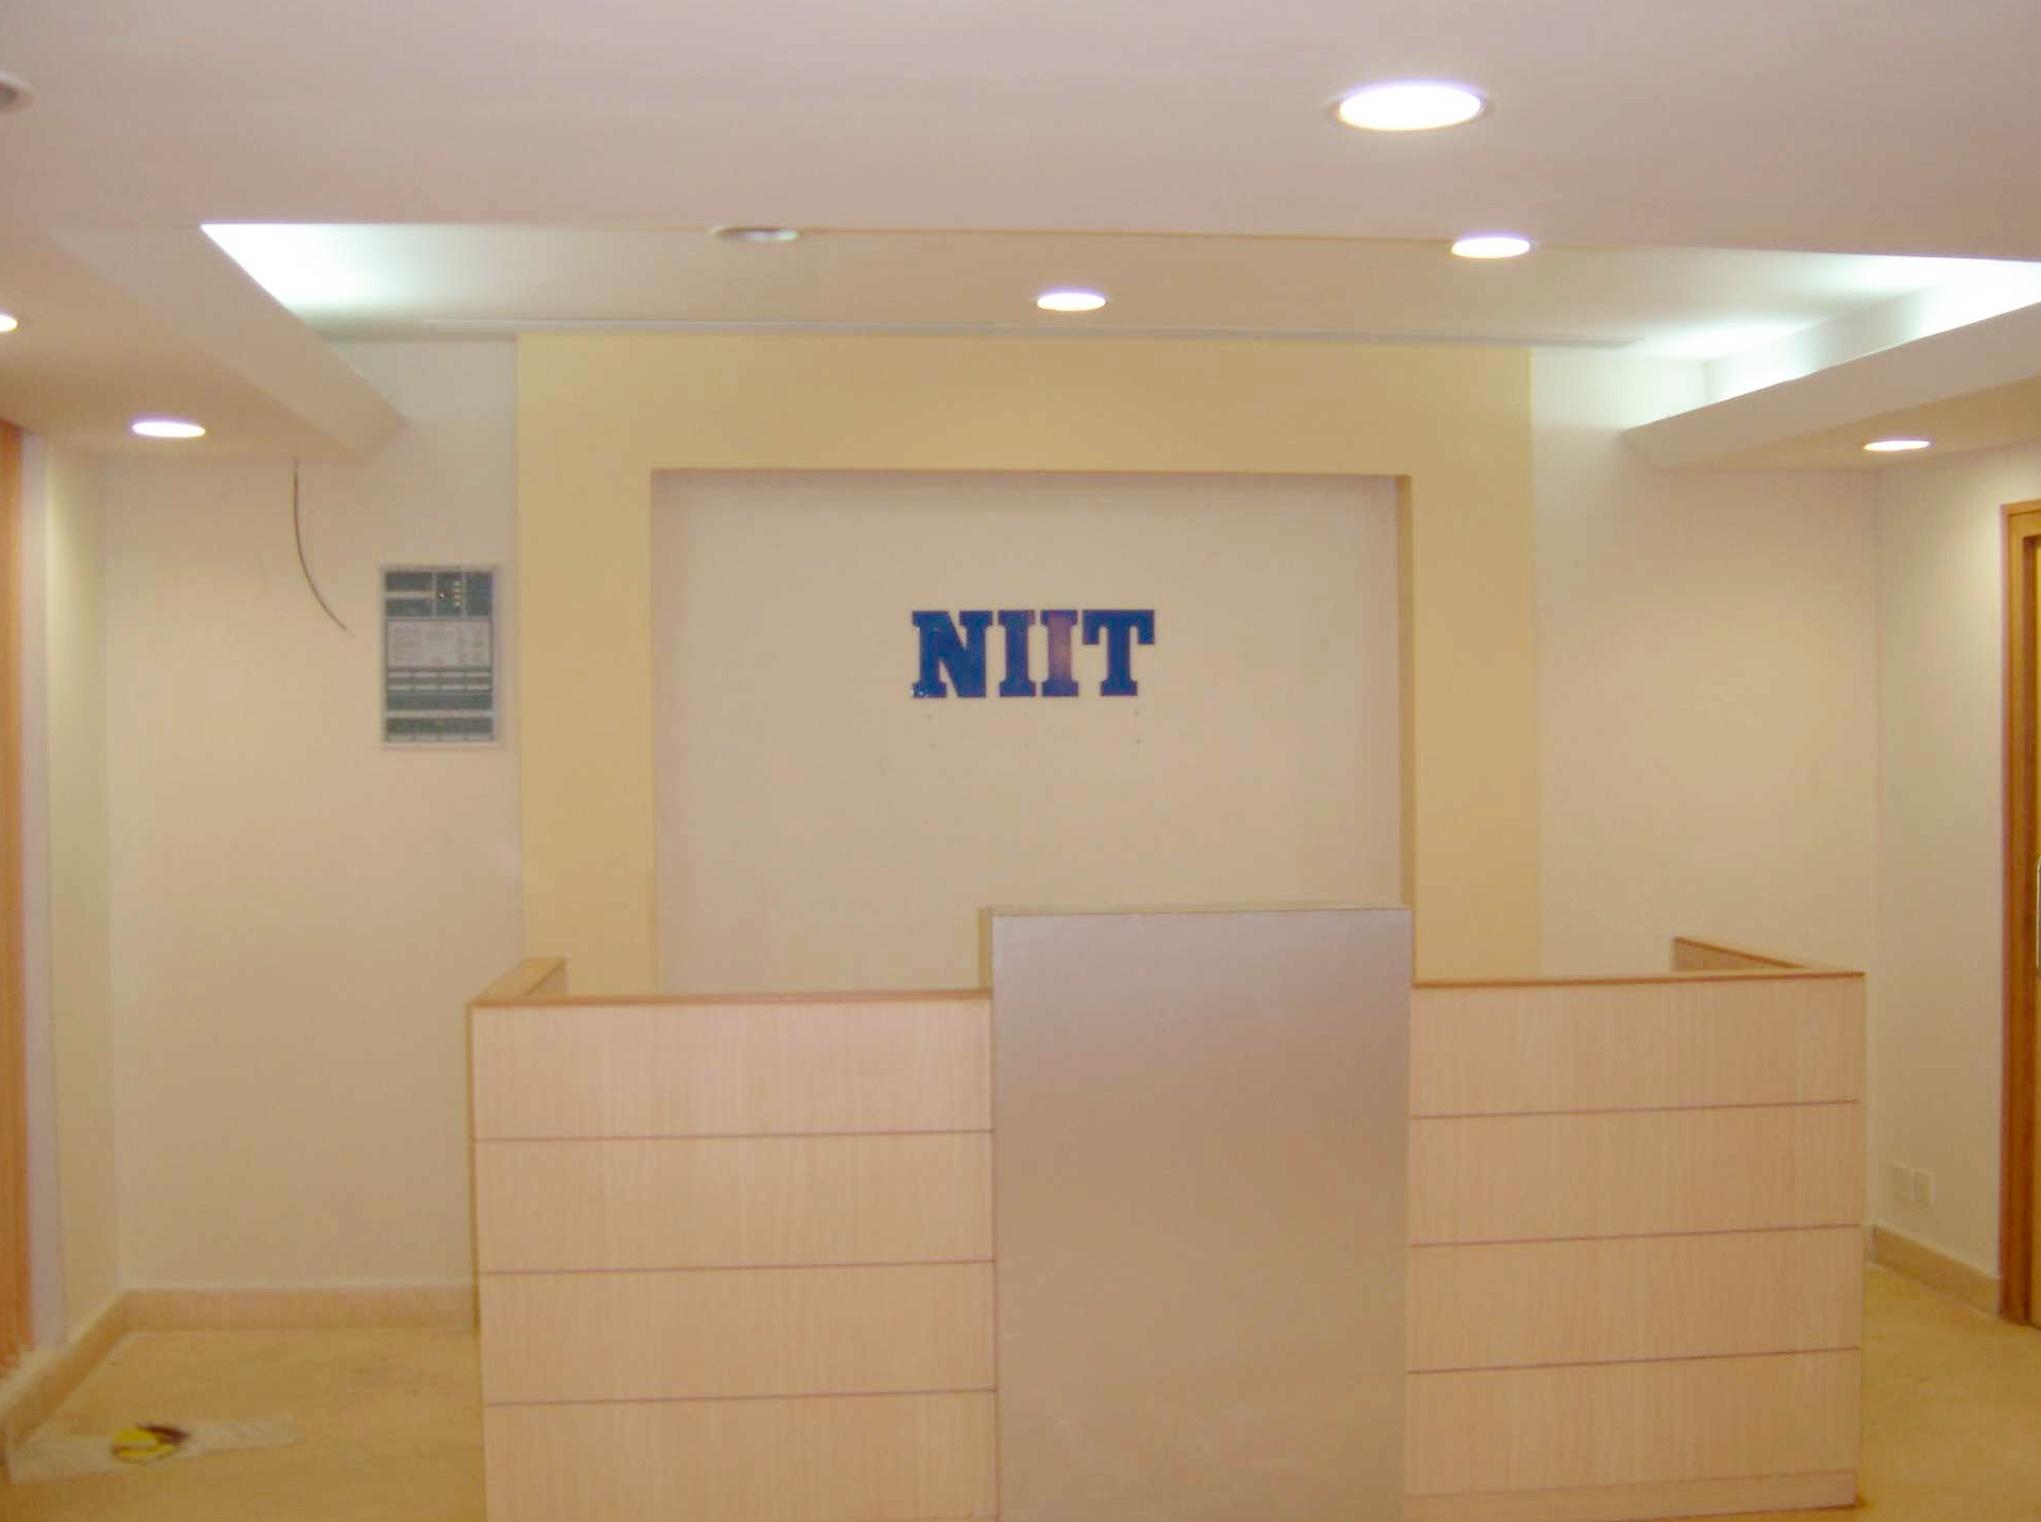 NIIT - 6